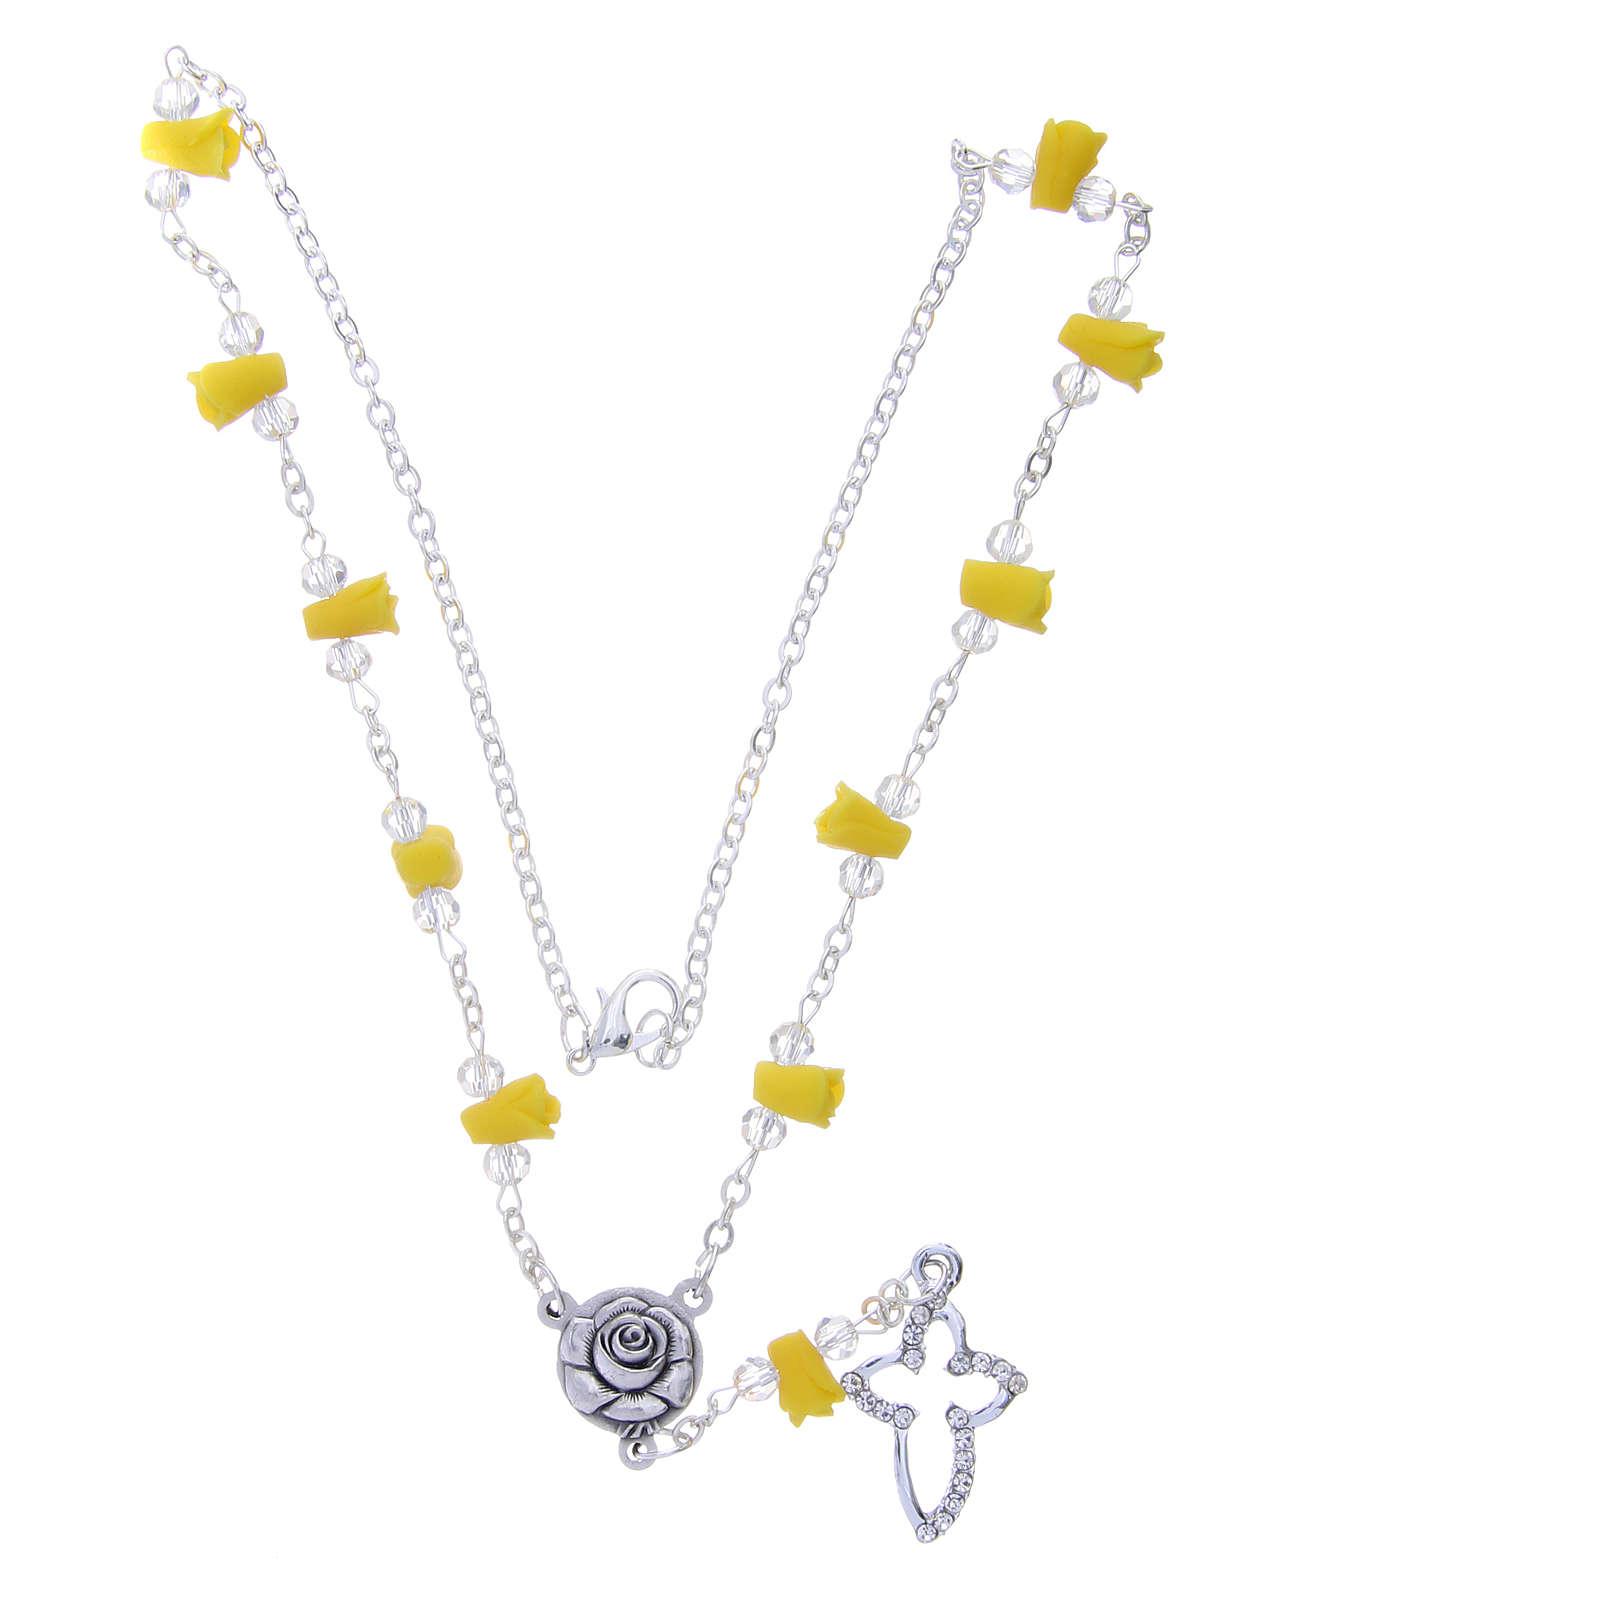 Collar rosario Medjugorje amarillo rosas cerámica cruz con cristales 4